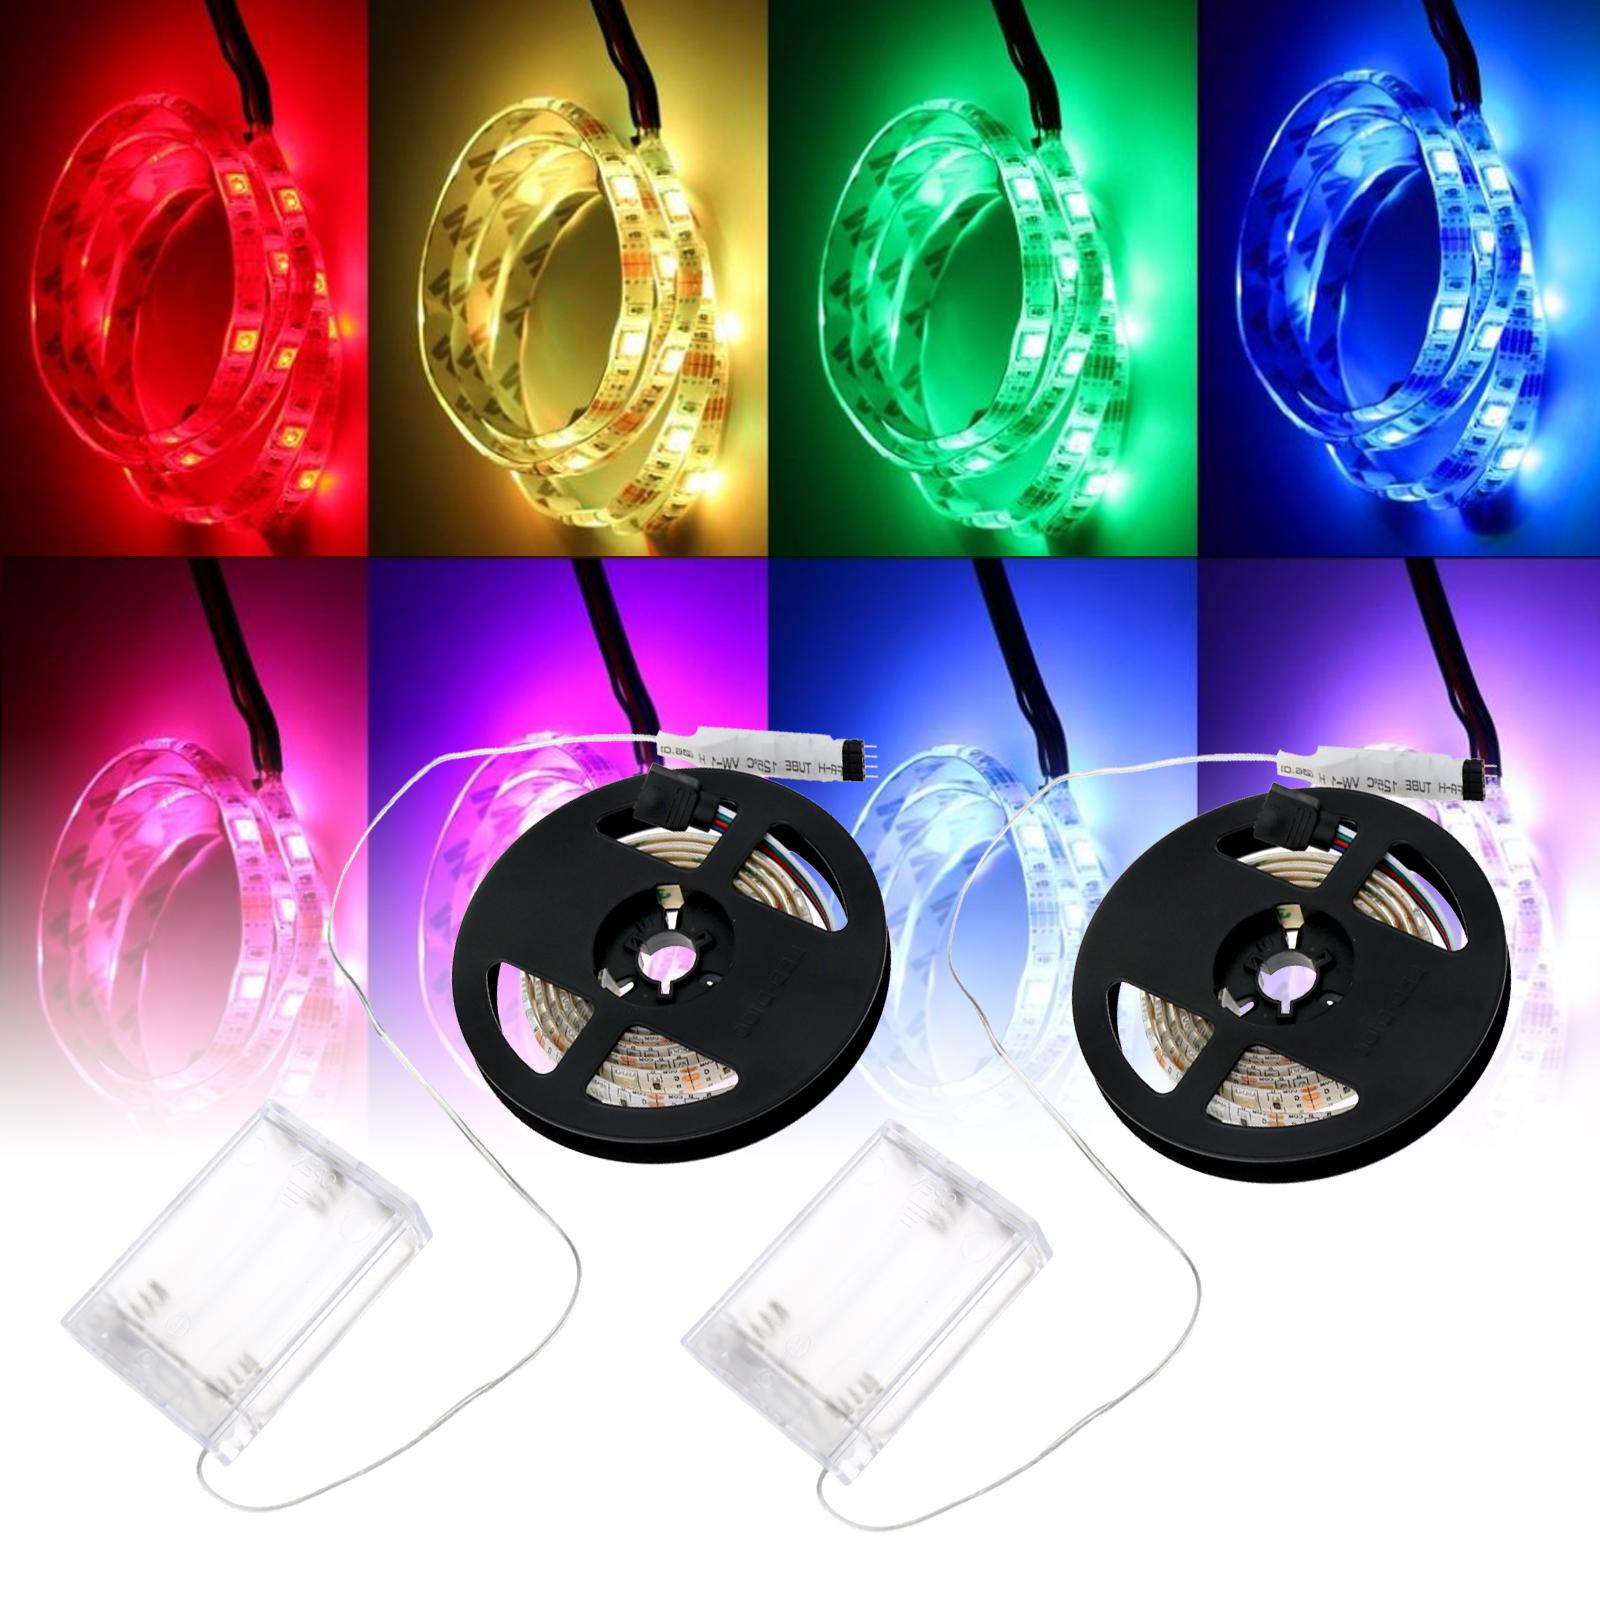 2m 5050 SMD LED Stripe Lichter Leiste Streifen Band mit USB Kabel Anschluss blau